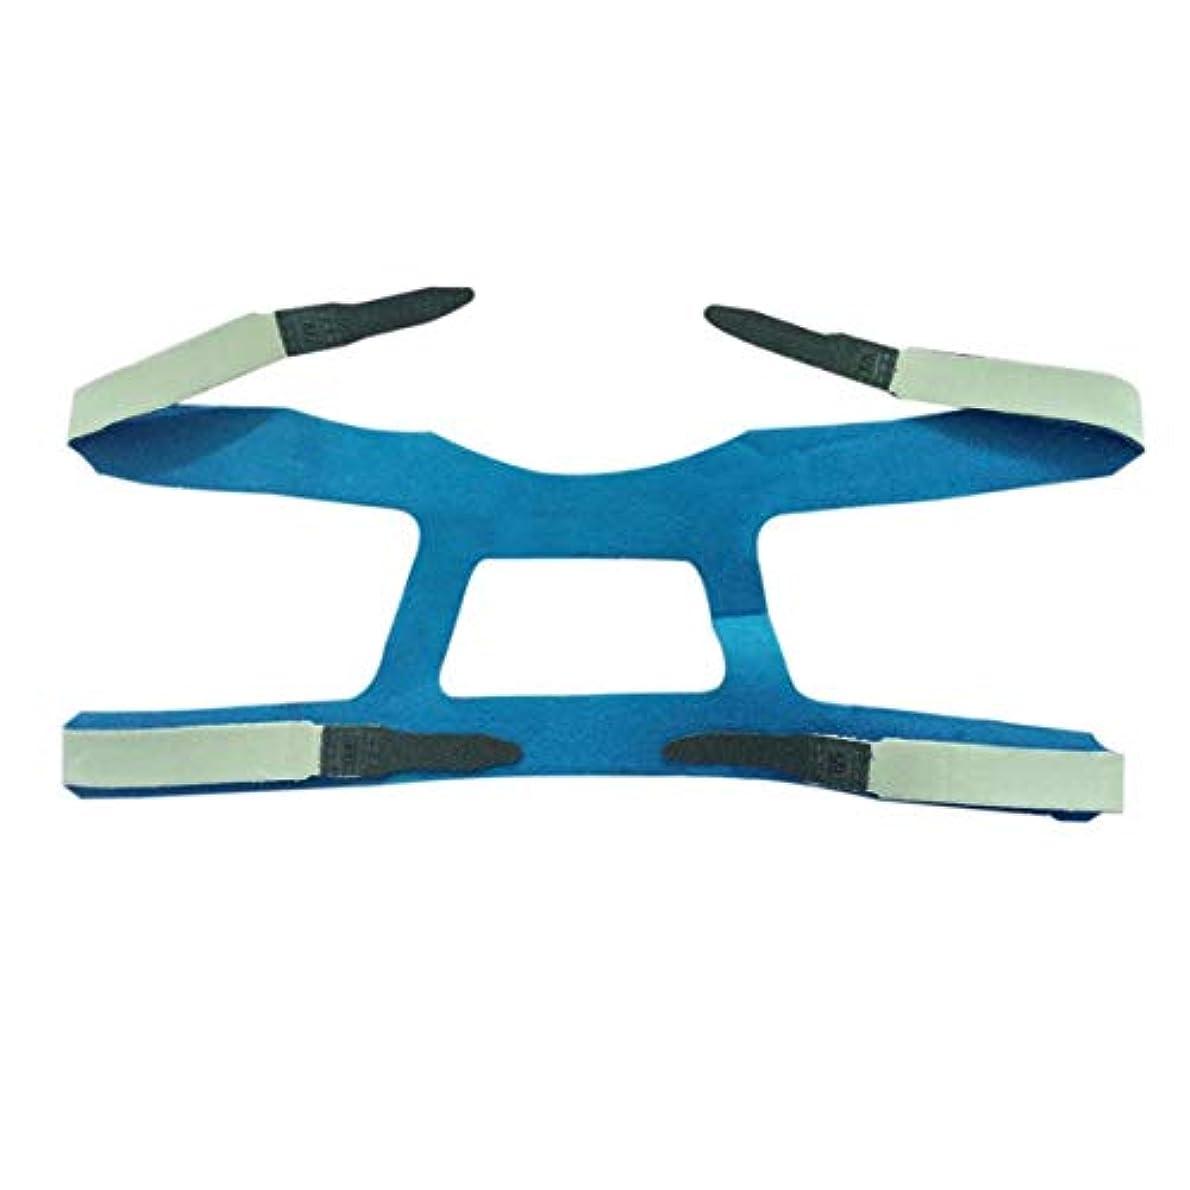 追う万一に備えて永久intercorey保護ギアユニバーサルデザインヘッドギアコンフォートジェルフルマスク安全な環境の取り替えCPAPヘッドバンドなしマスク用PHILPS